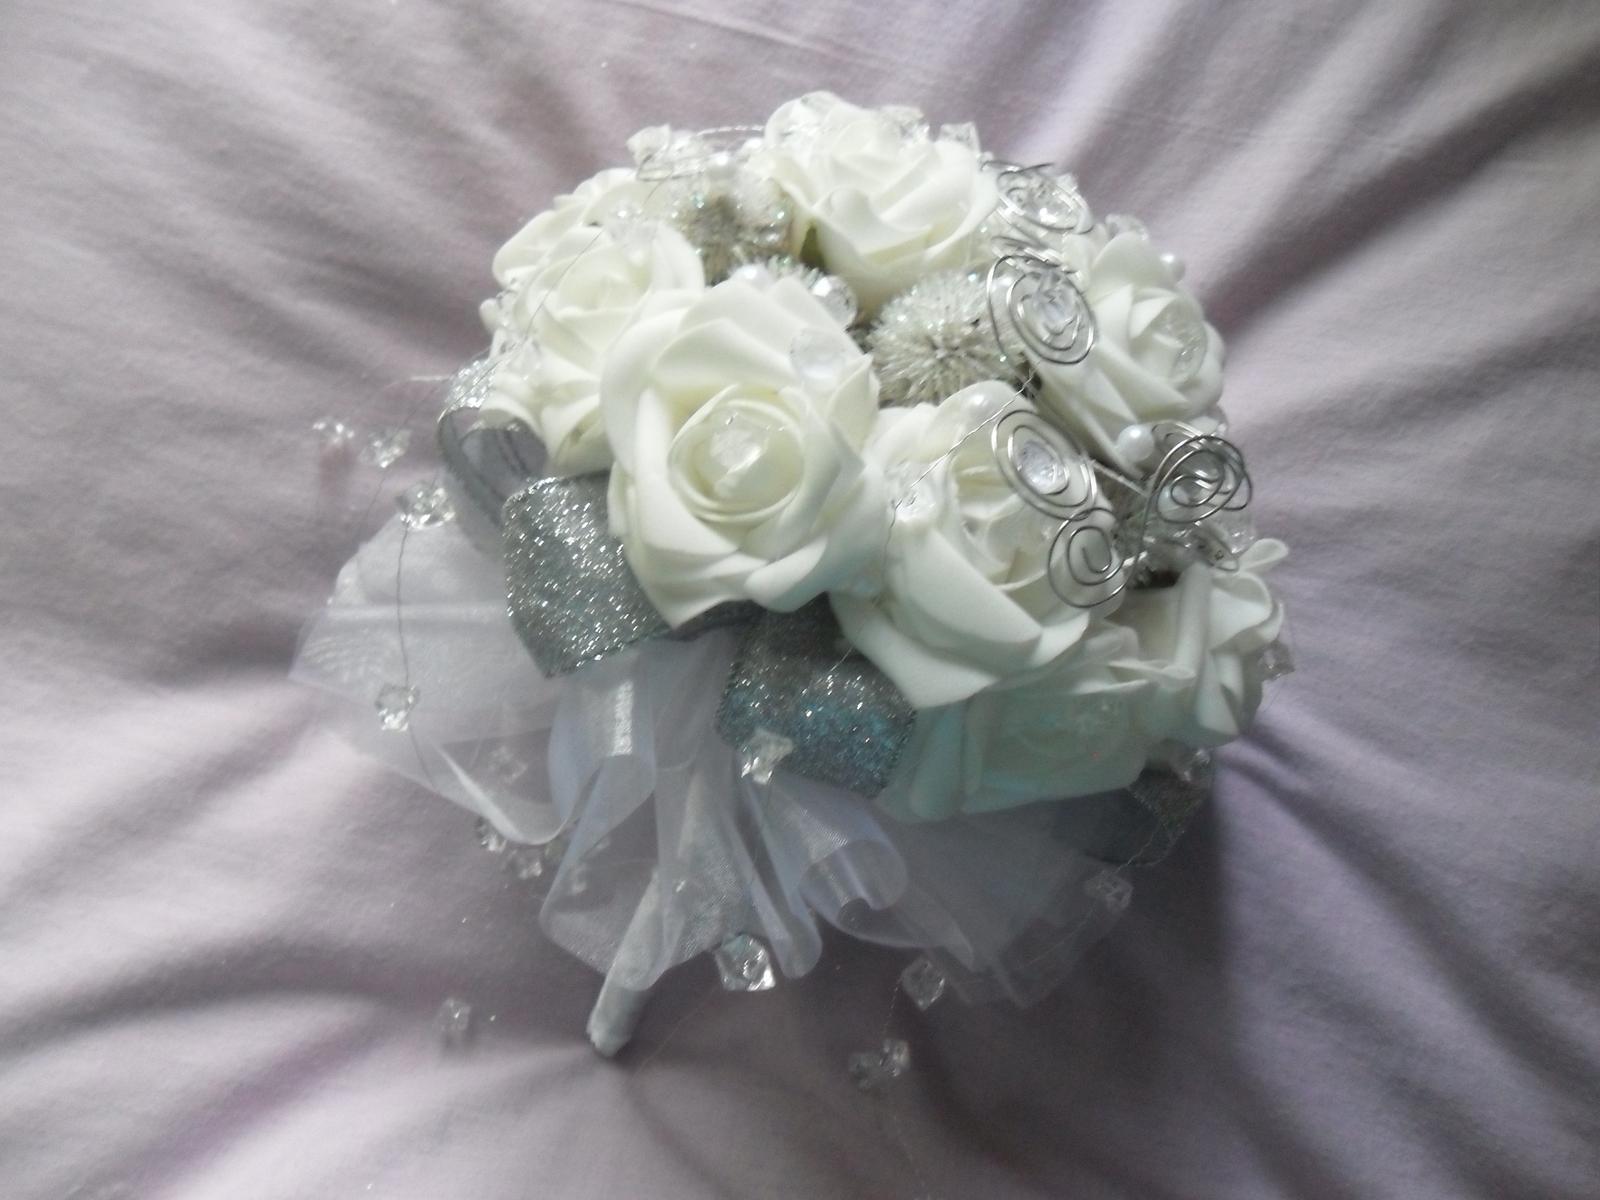 Netradiční svatební kytice - pěnové růžičky + polštářky pod prstýnky, košíčky - Obrázek č. 63